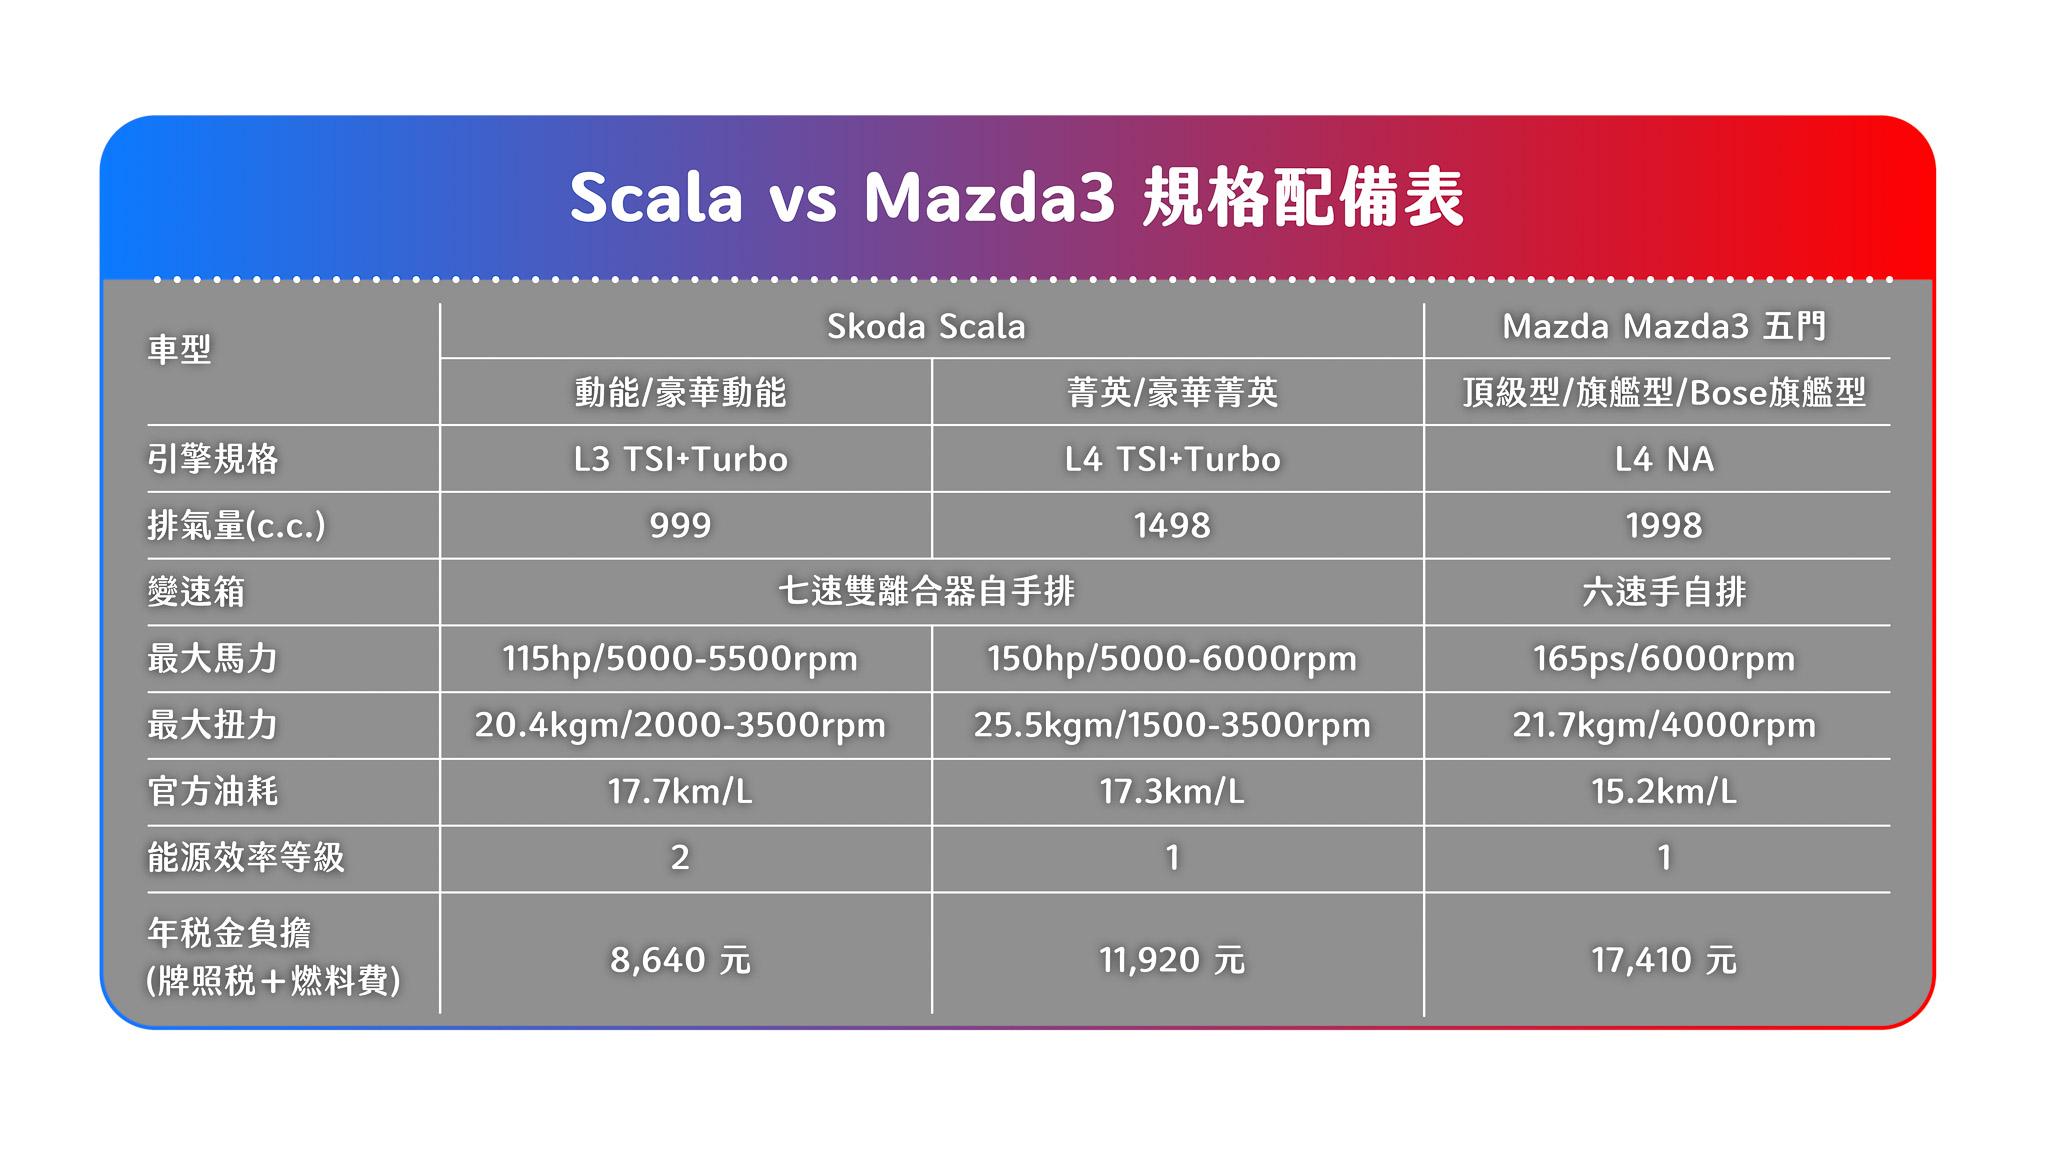 兩者的動力系統大相徑庭,Scala 採用時興的小排氣量加渦輪增壓系統,Mazda3 則是使用自然進氣汽油引擎。